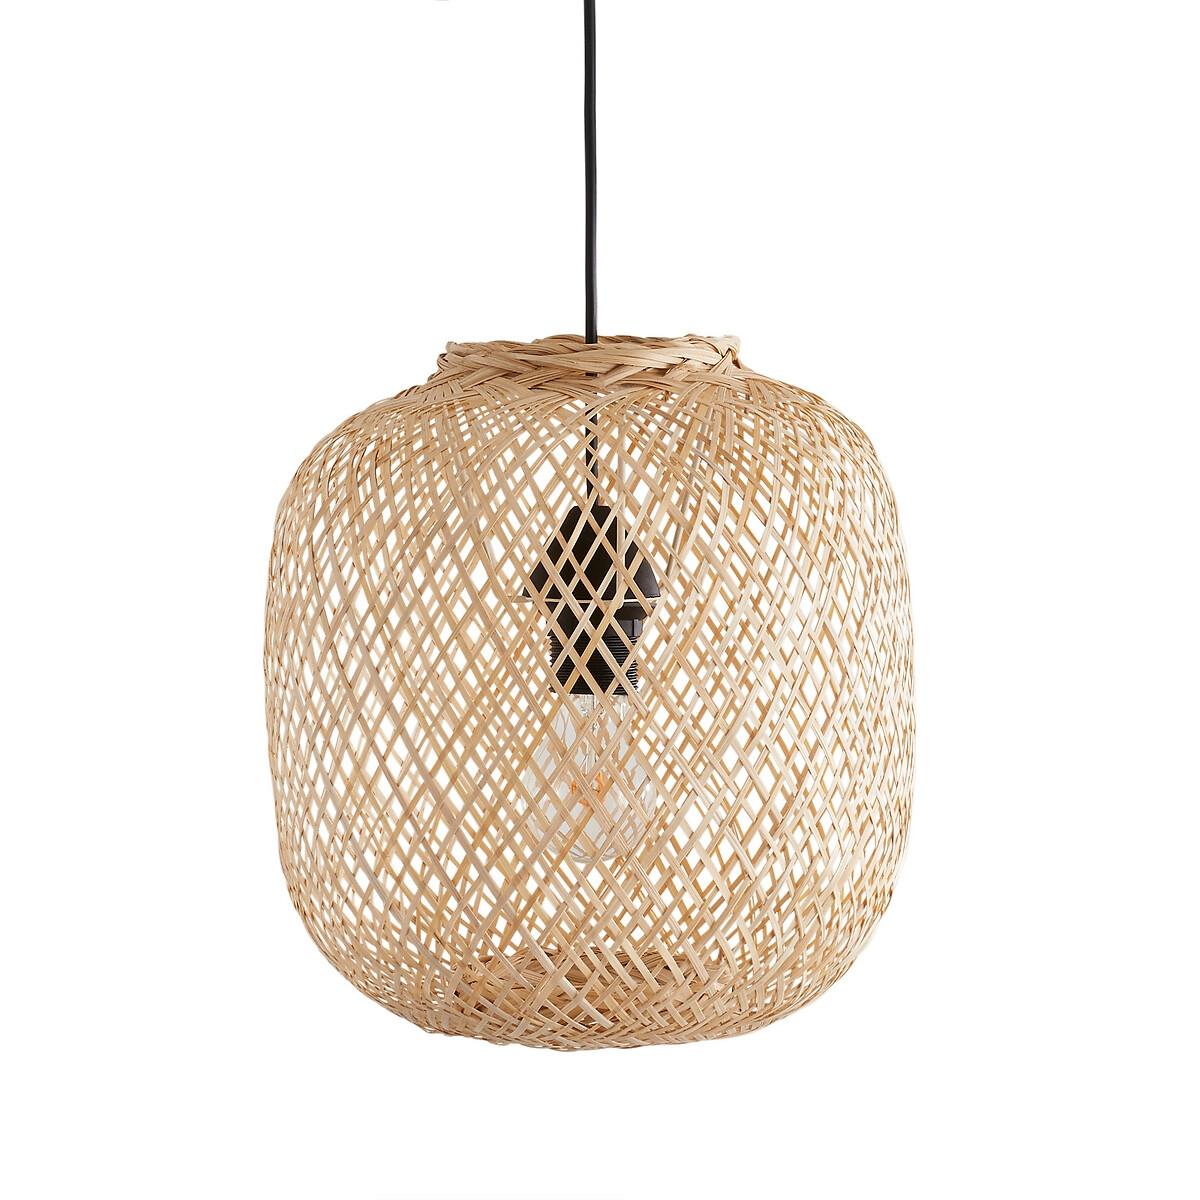 Светильник LaRedoute Круглый из бамбука 33 см Ezia единый размер бежевый салатница laredoute двухцветная из бамбука briama единый размер бежевый